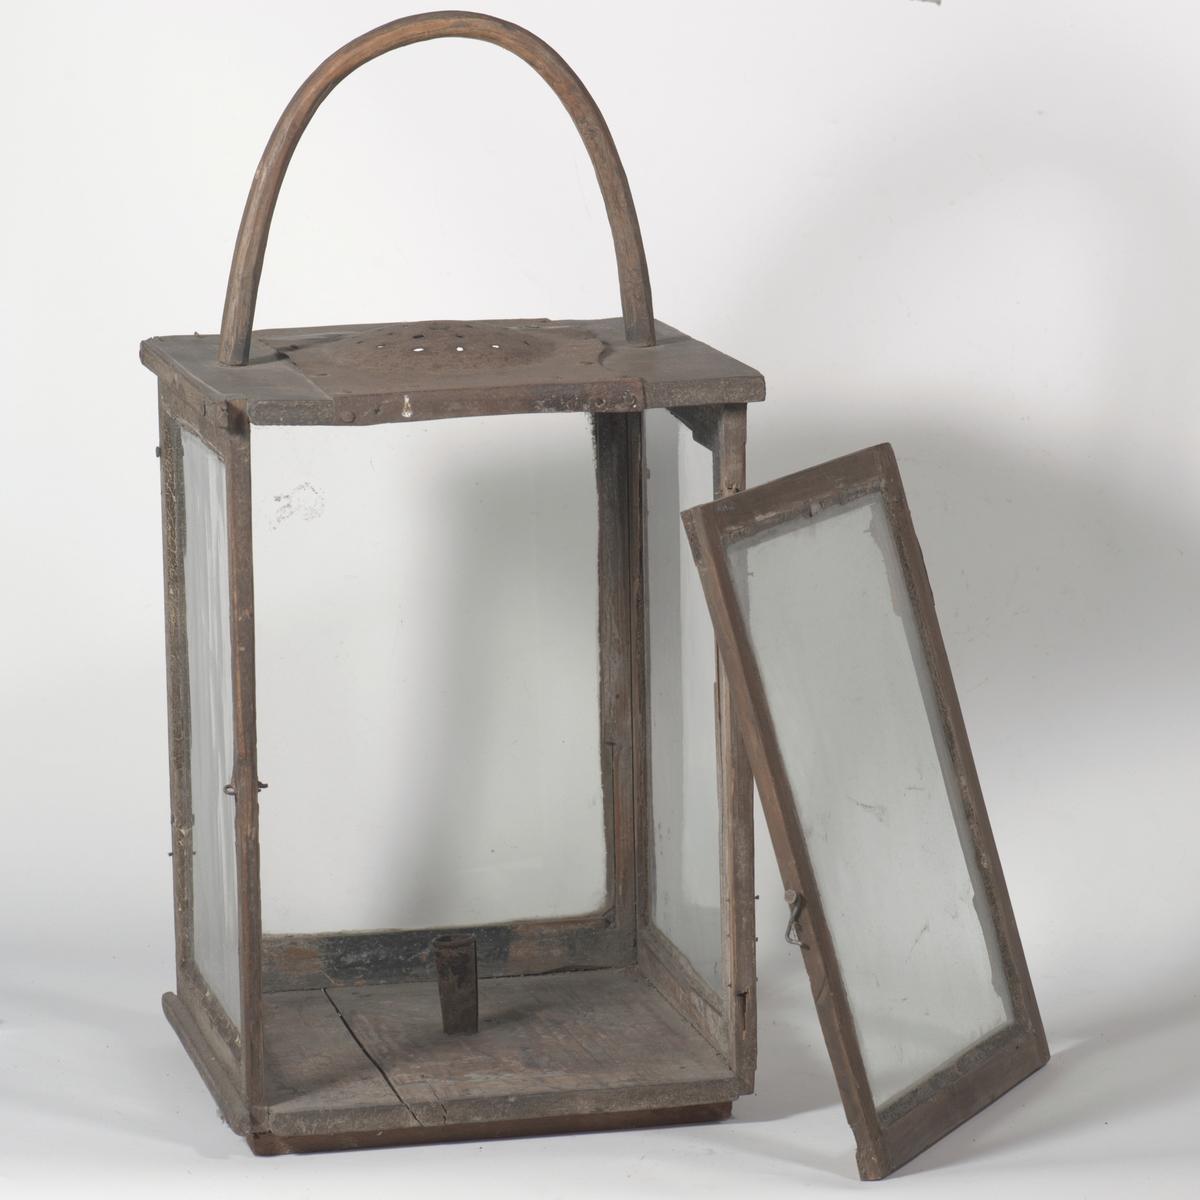 Kvadratisk bunn, rette sider med glass, en side danner dør,  på oversiden jernplate med huller; trehank.